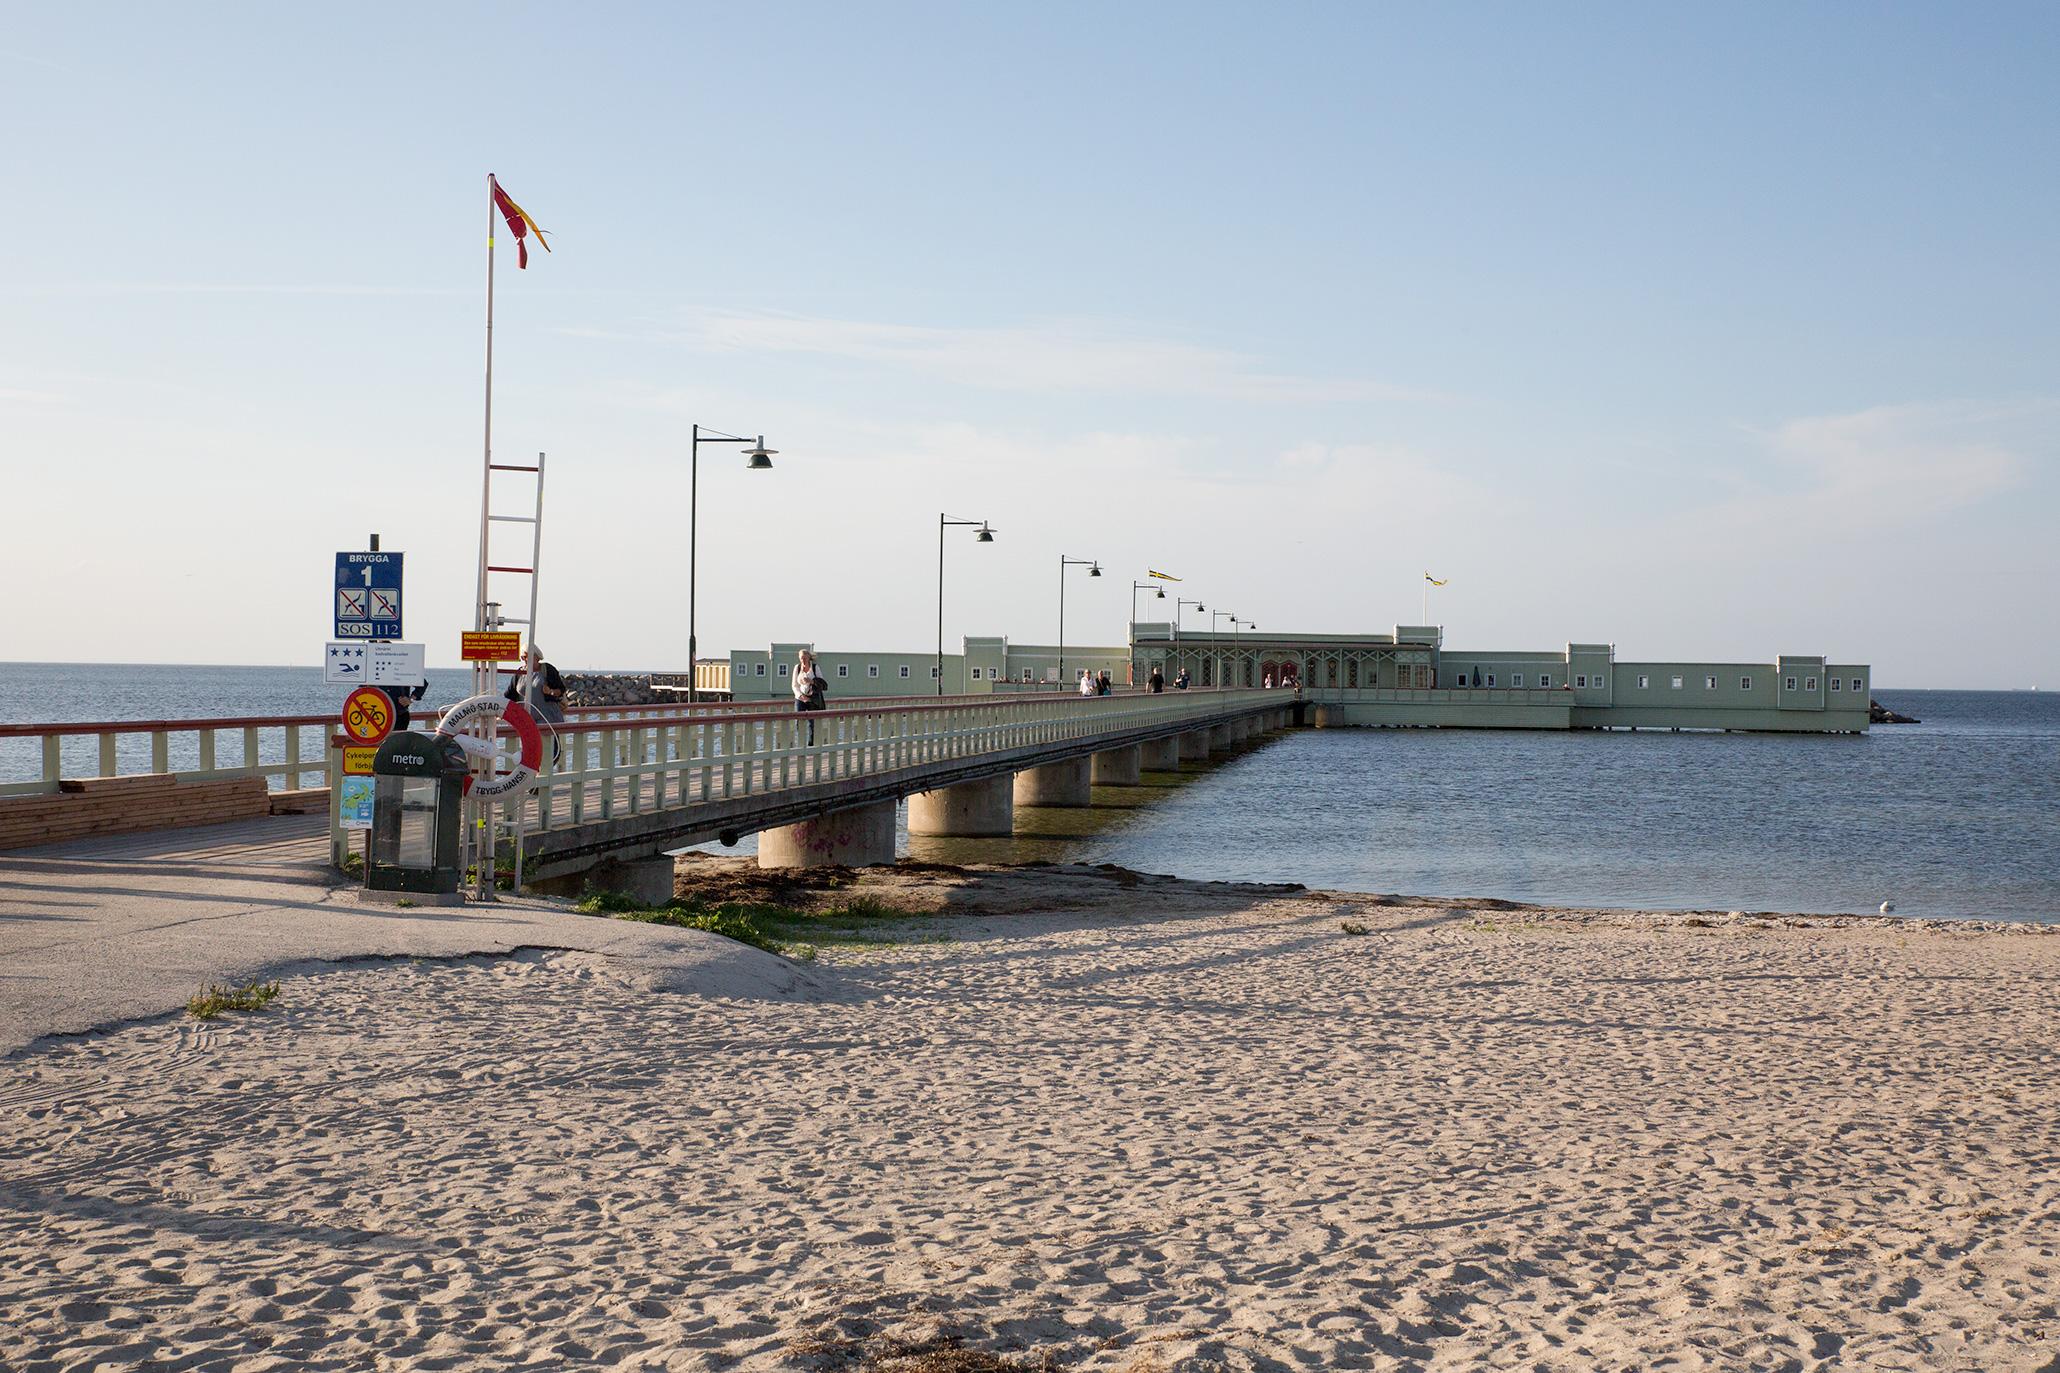 19 seot - efter en dag i lärandets anda, fick jag tid att andas lite havsluft. Ribersborg kallbadhus, Malmö.